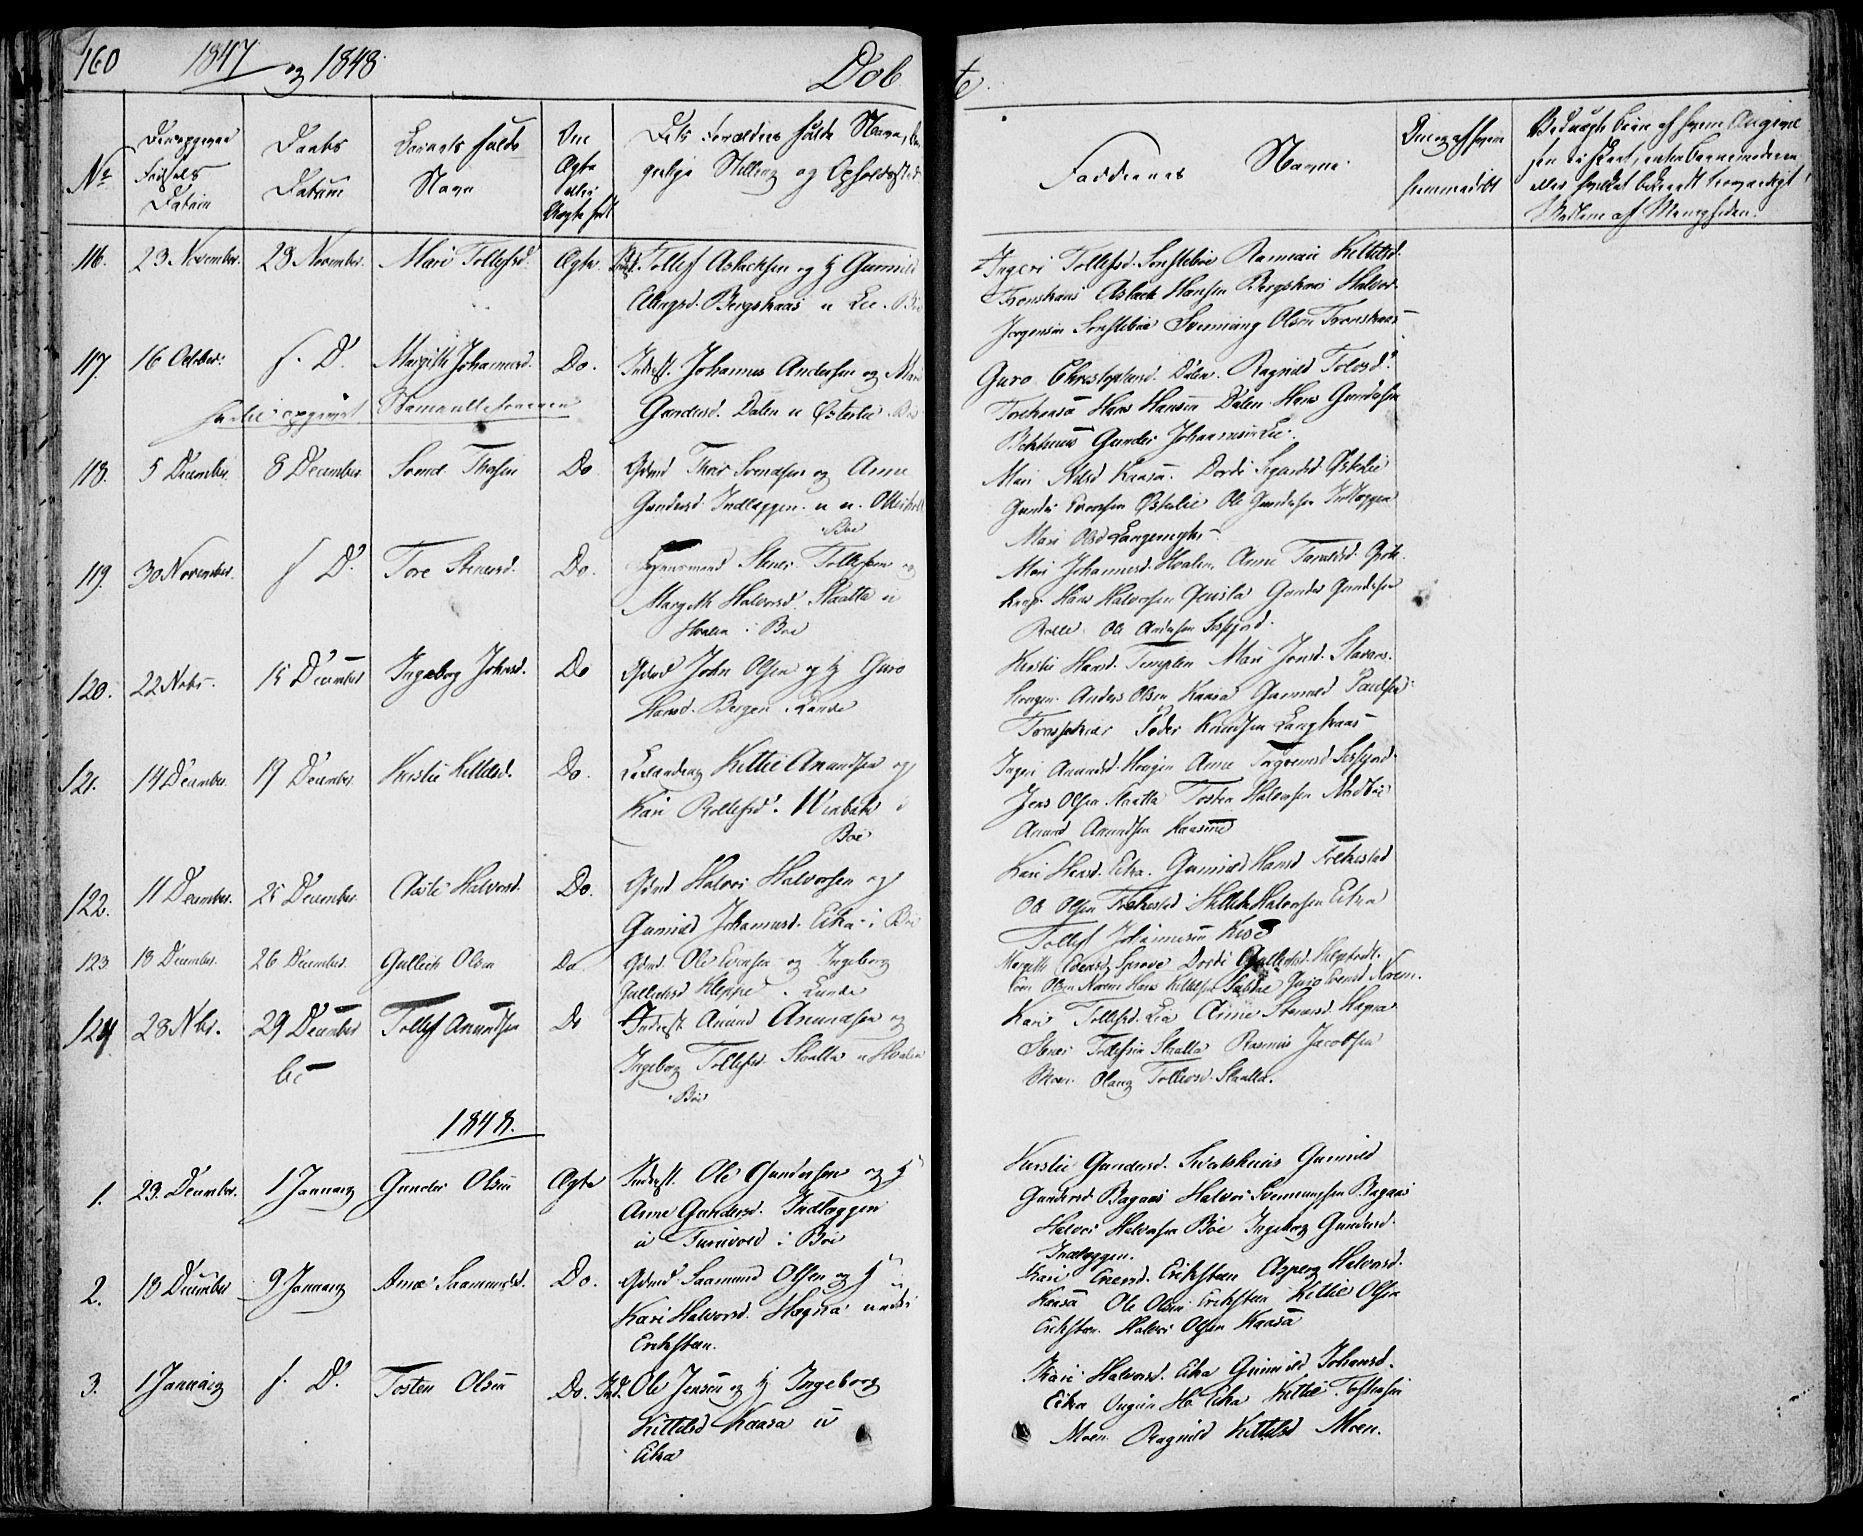 SAKO, Bø kirkebøker, F/Fa/L0007: Ministerialbok nr. 7, 1831-1848, s. 160